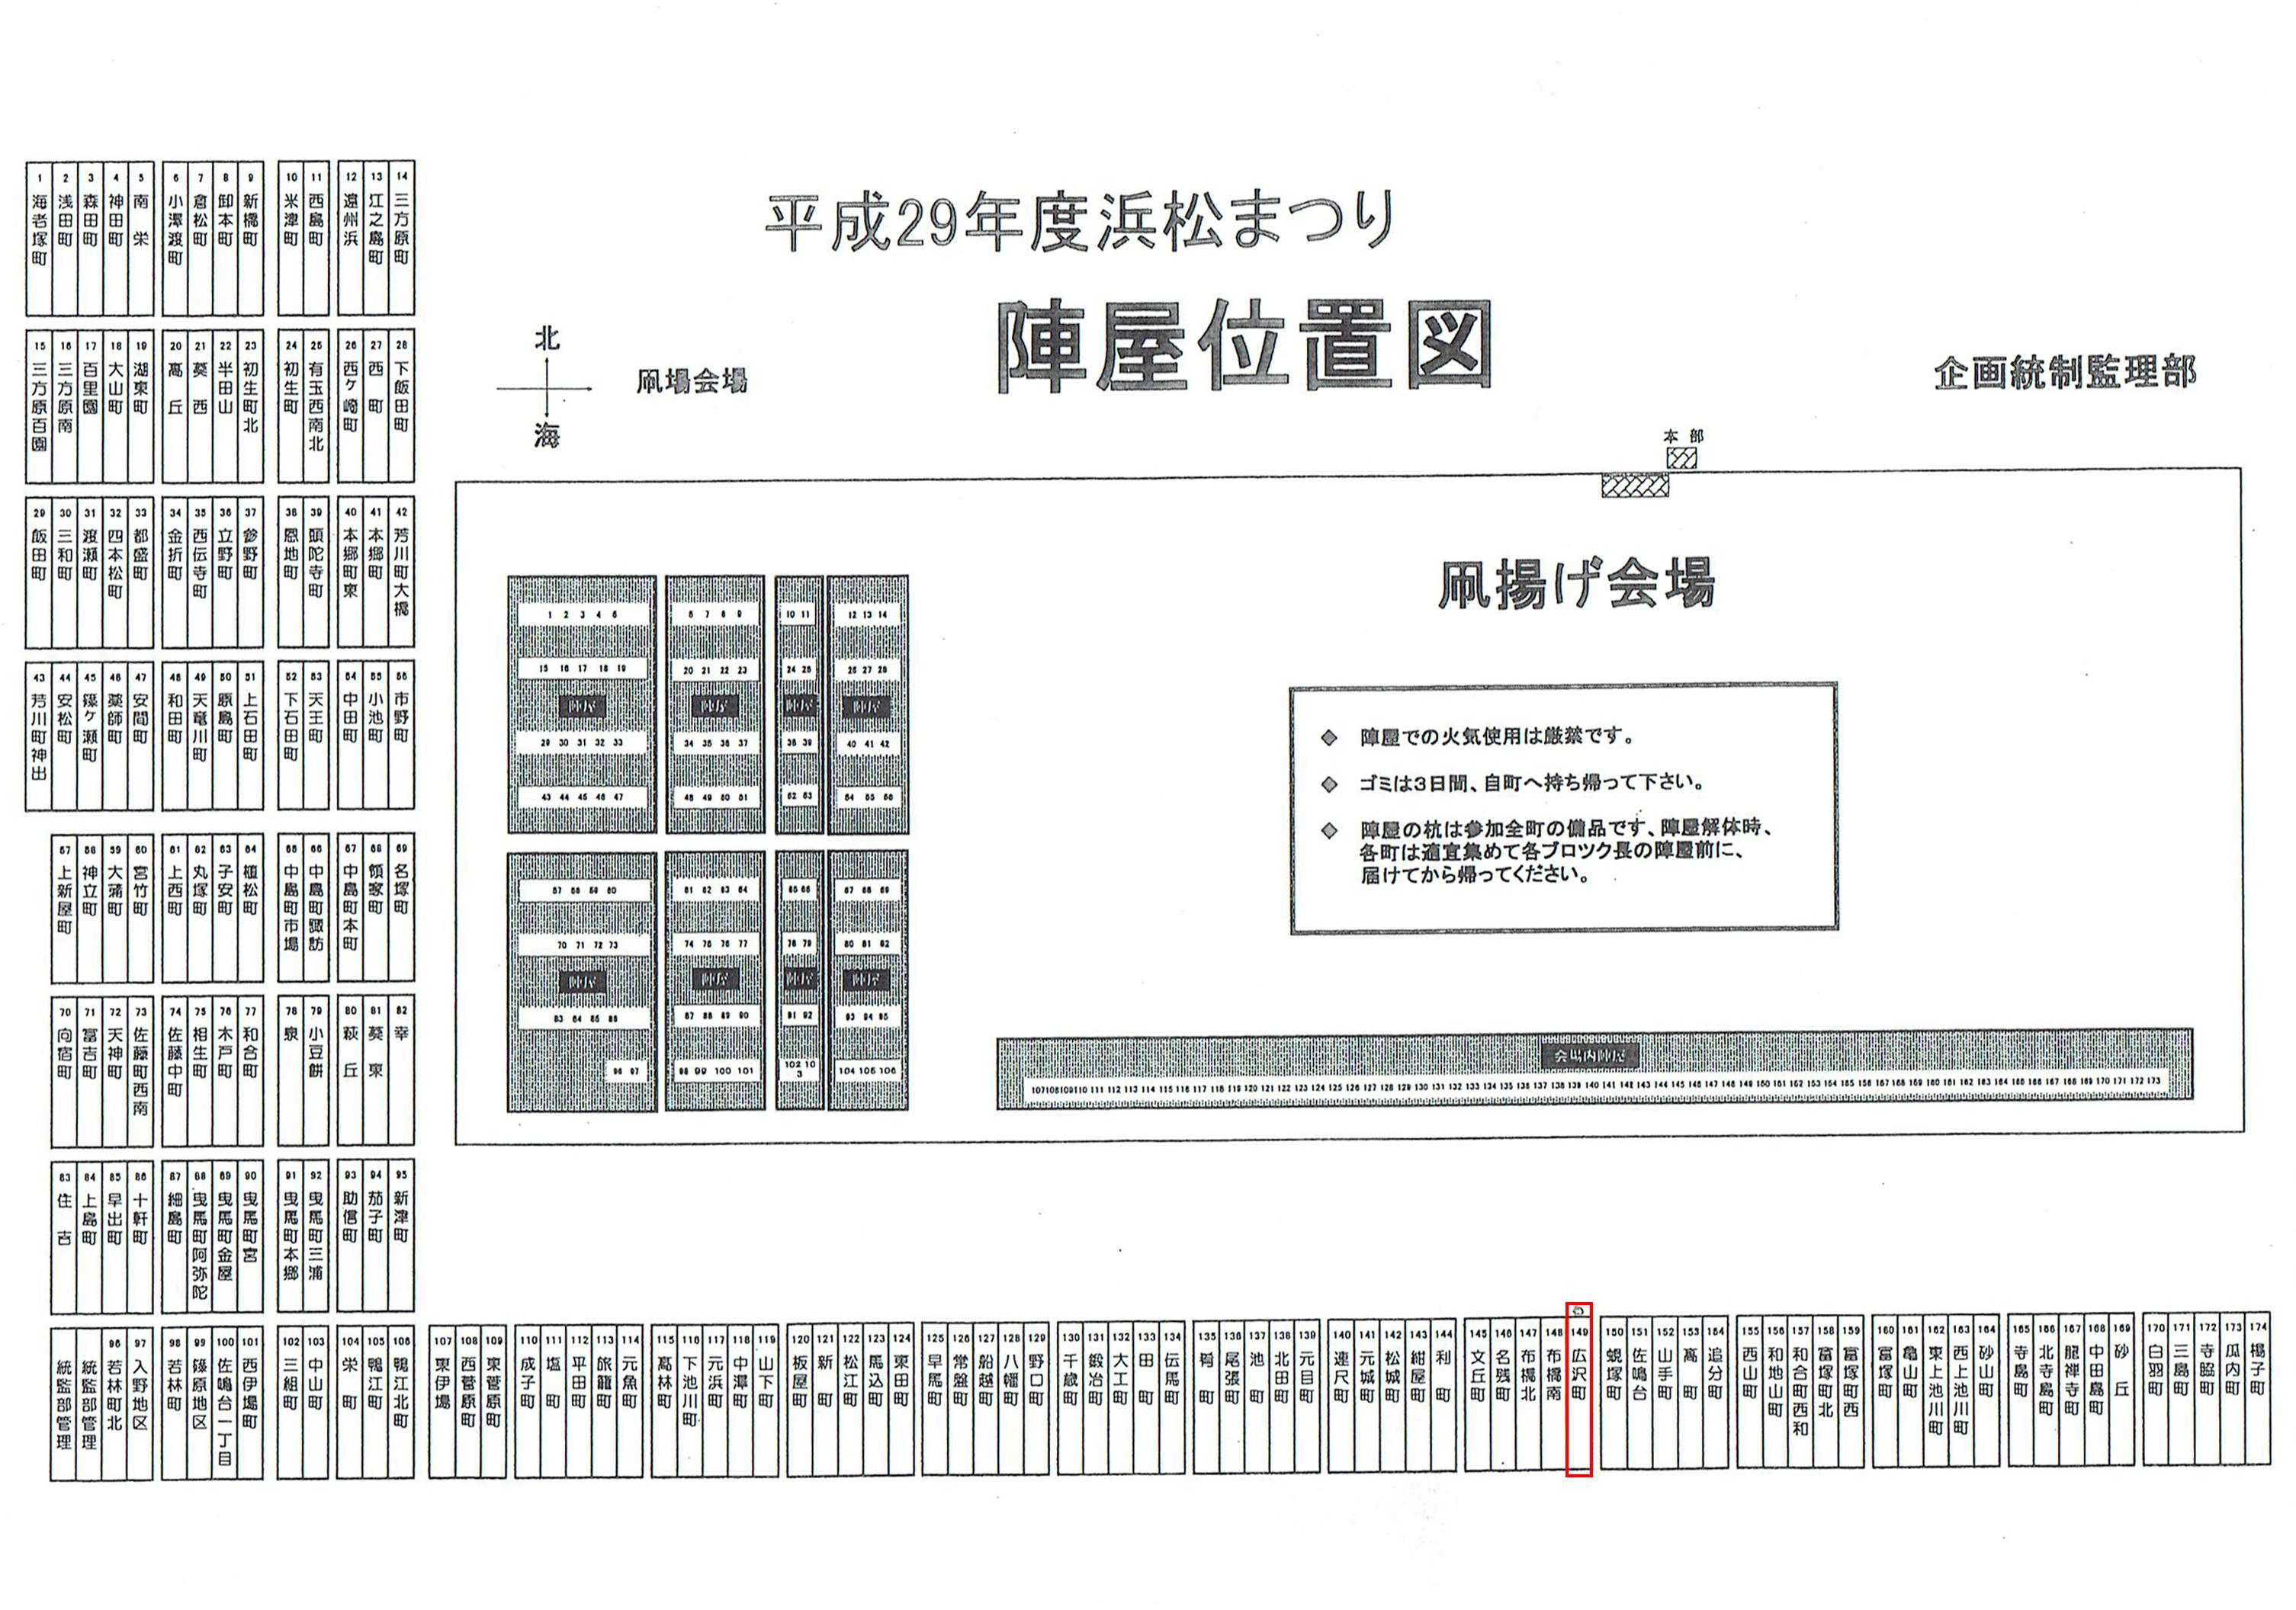 【配布資料】平成29年度広沢町 凧場陣屋位置